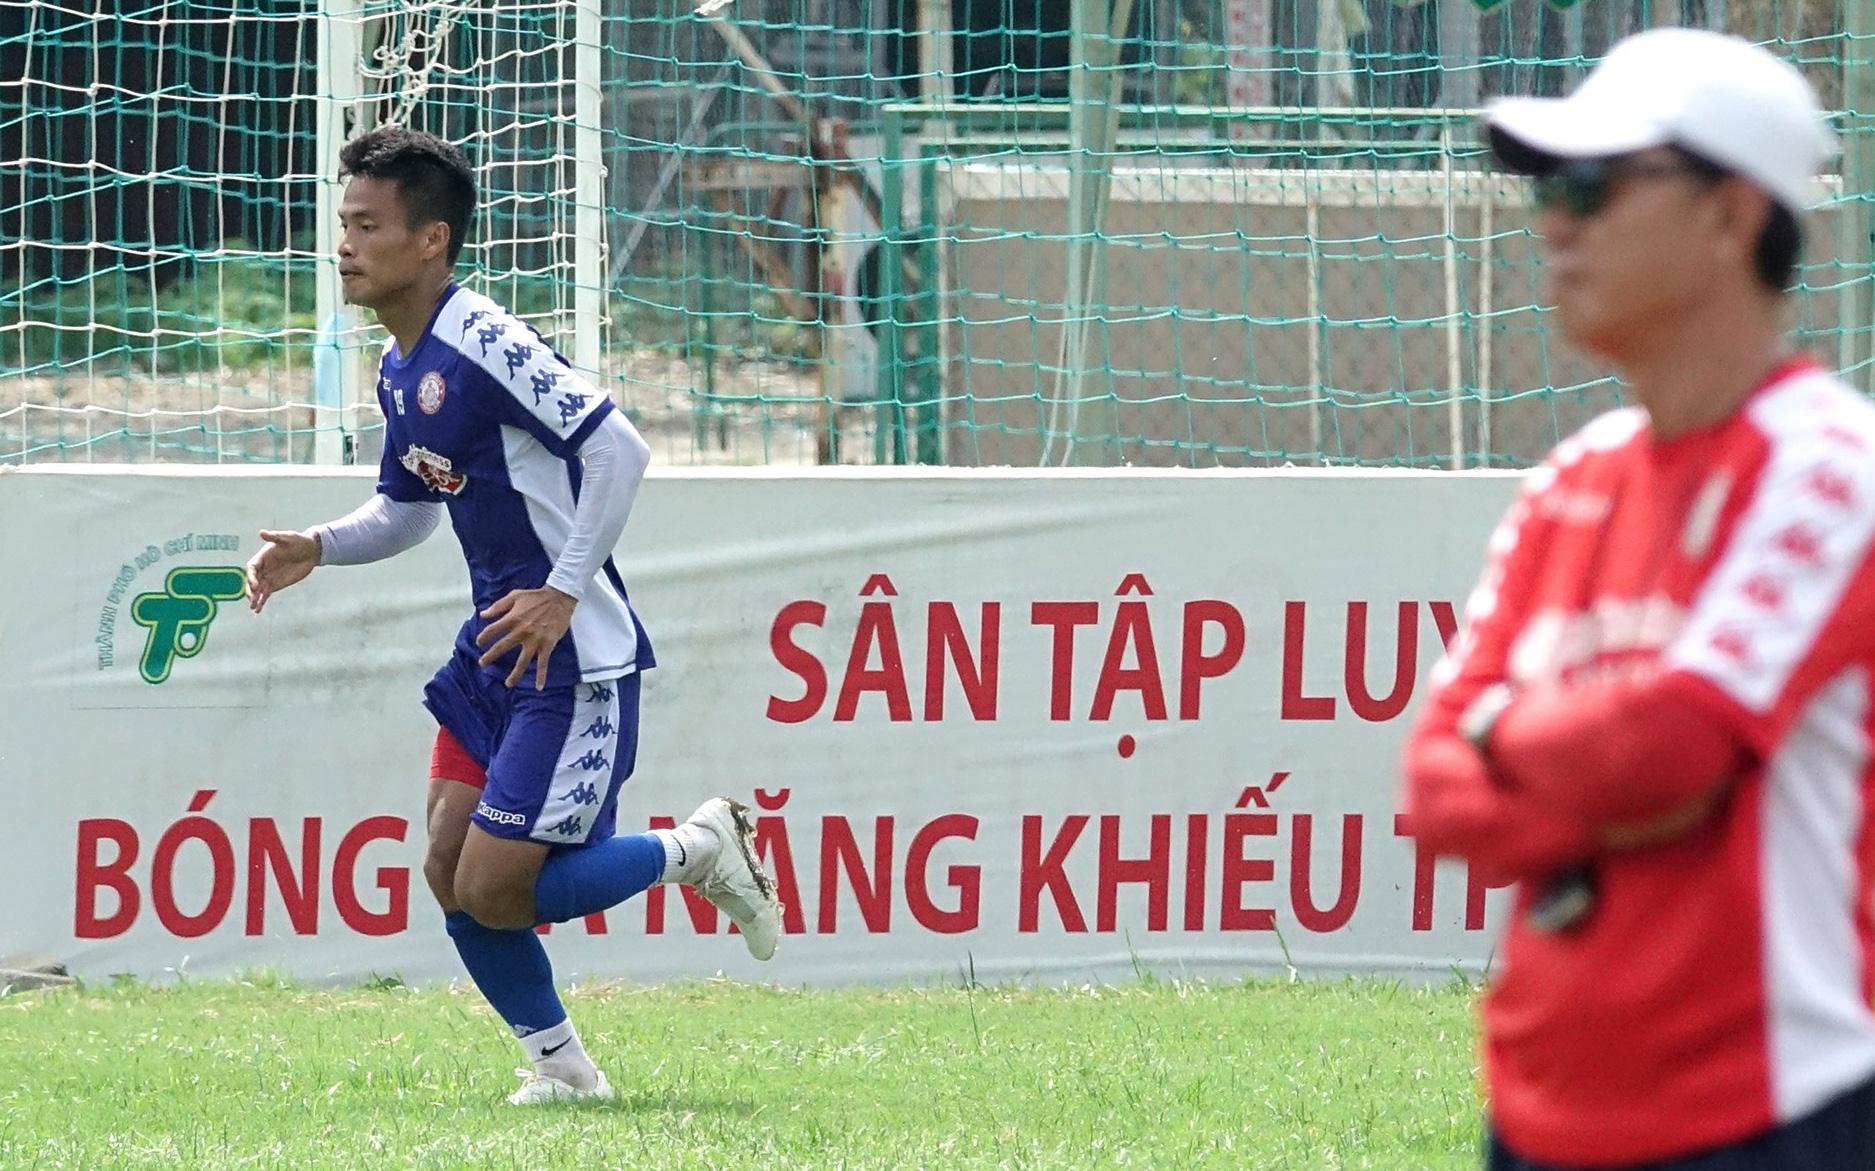 CLB TP.HCM thi đấu bế tắc, HLV Hàn Quốc lên kế hoạch sử dụng cựu sao U19 Việt Nam